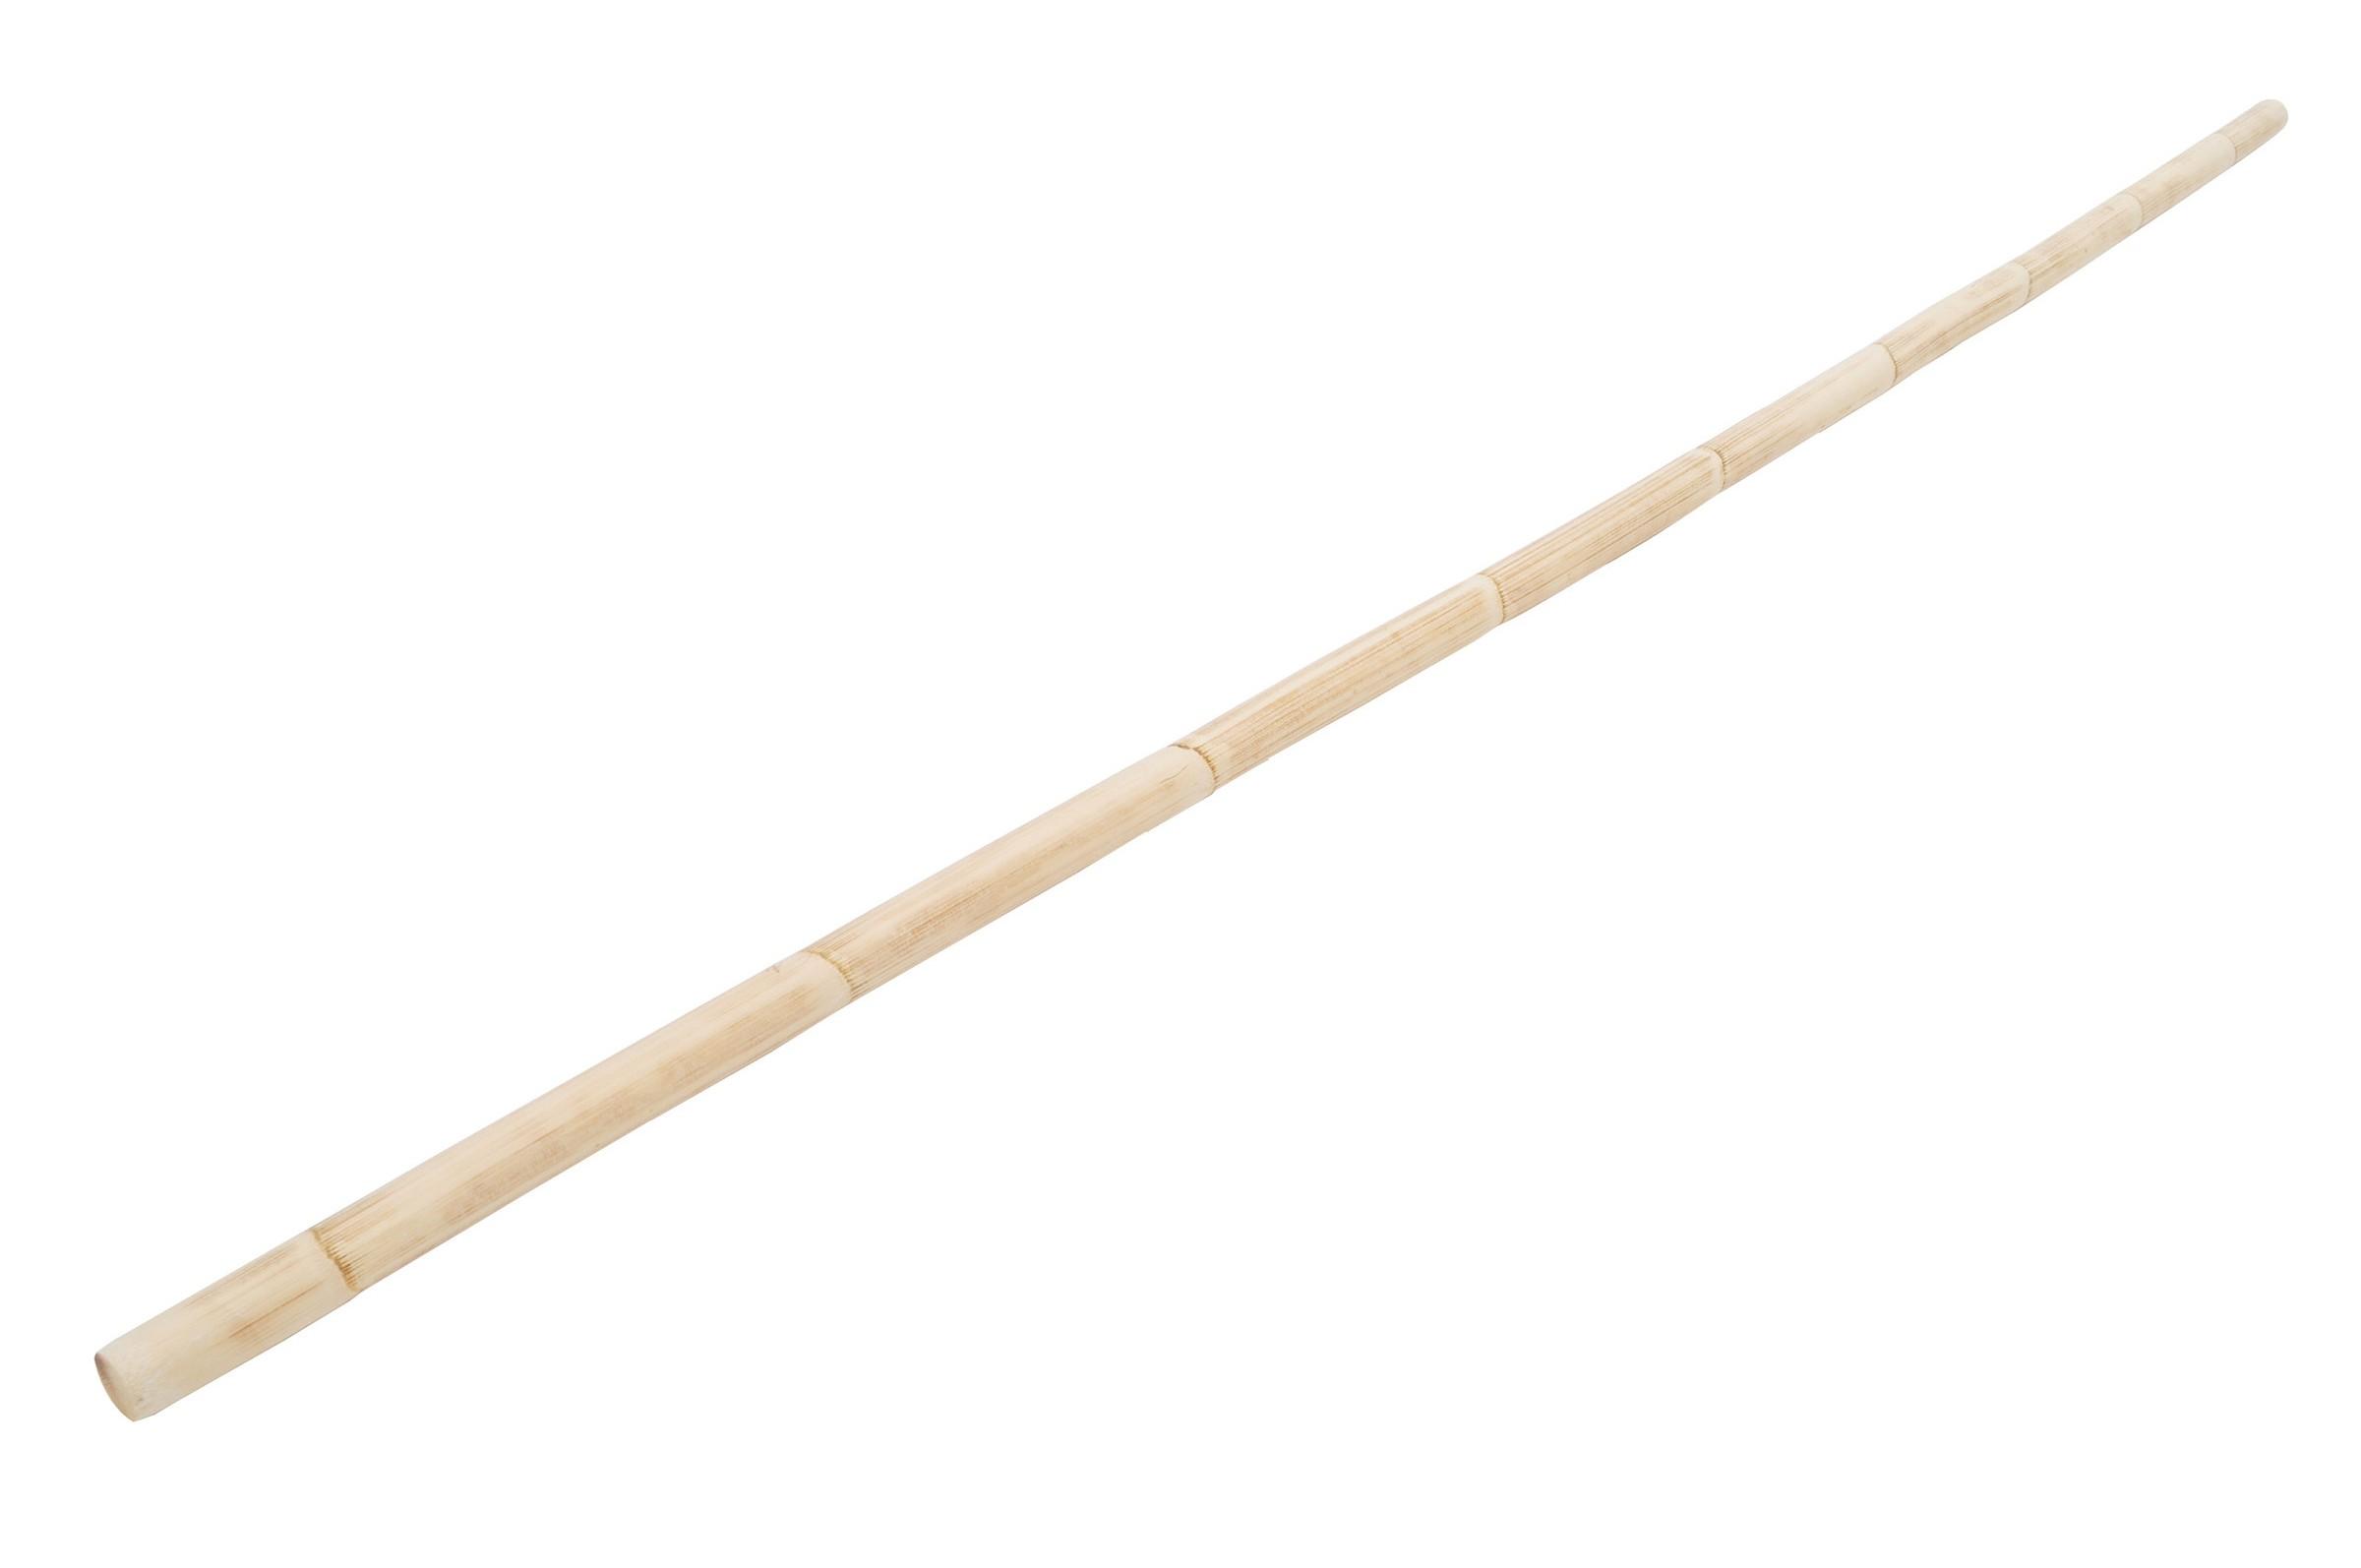 Bâton Long en Rotin